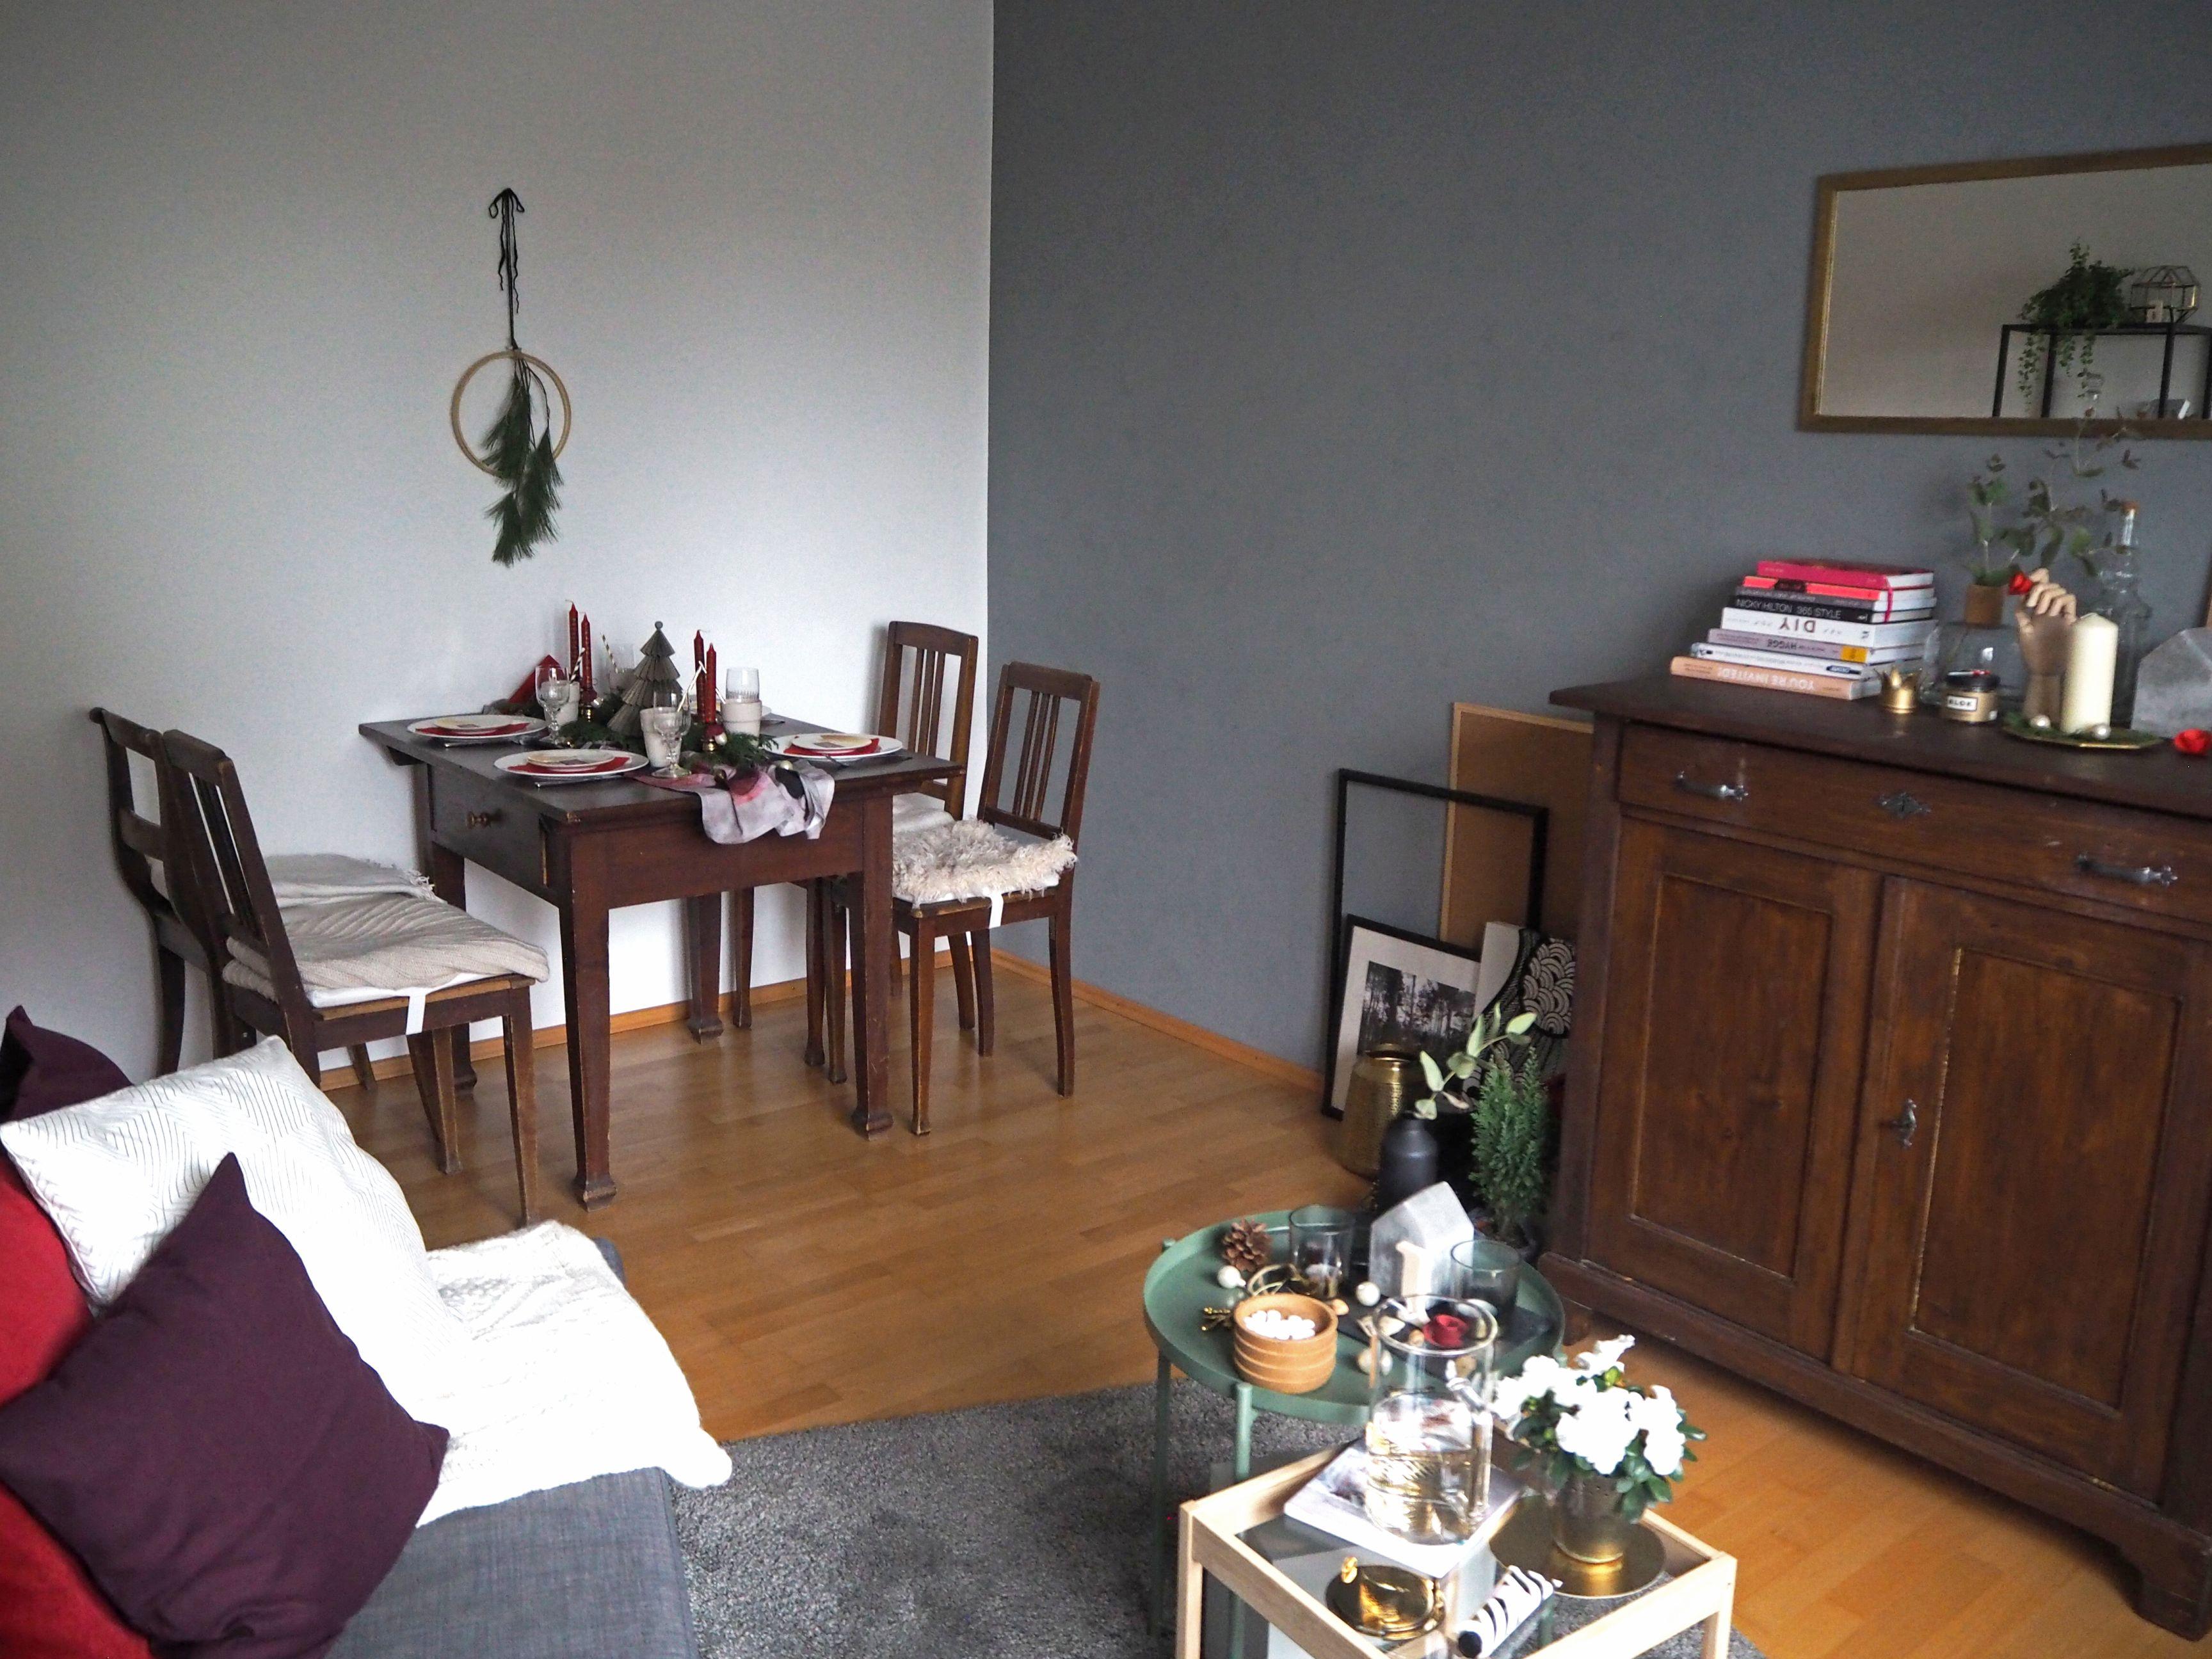 2018-skoen-och-kreativ-interior-god-jul-klassisches-rot-fuer-weihnachten-wohnzimmer (22)